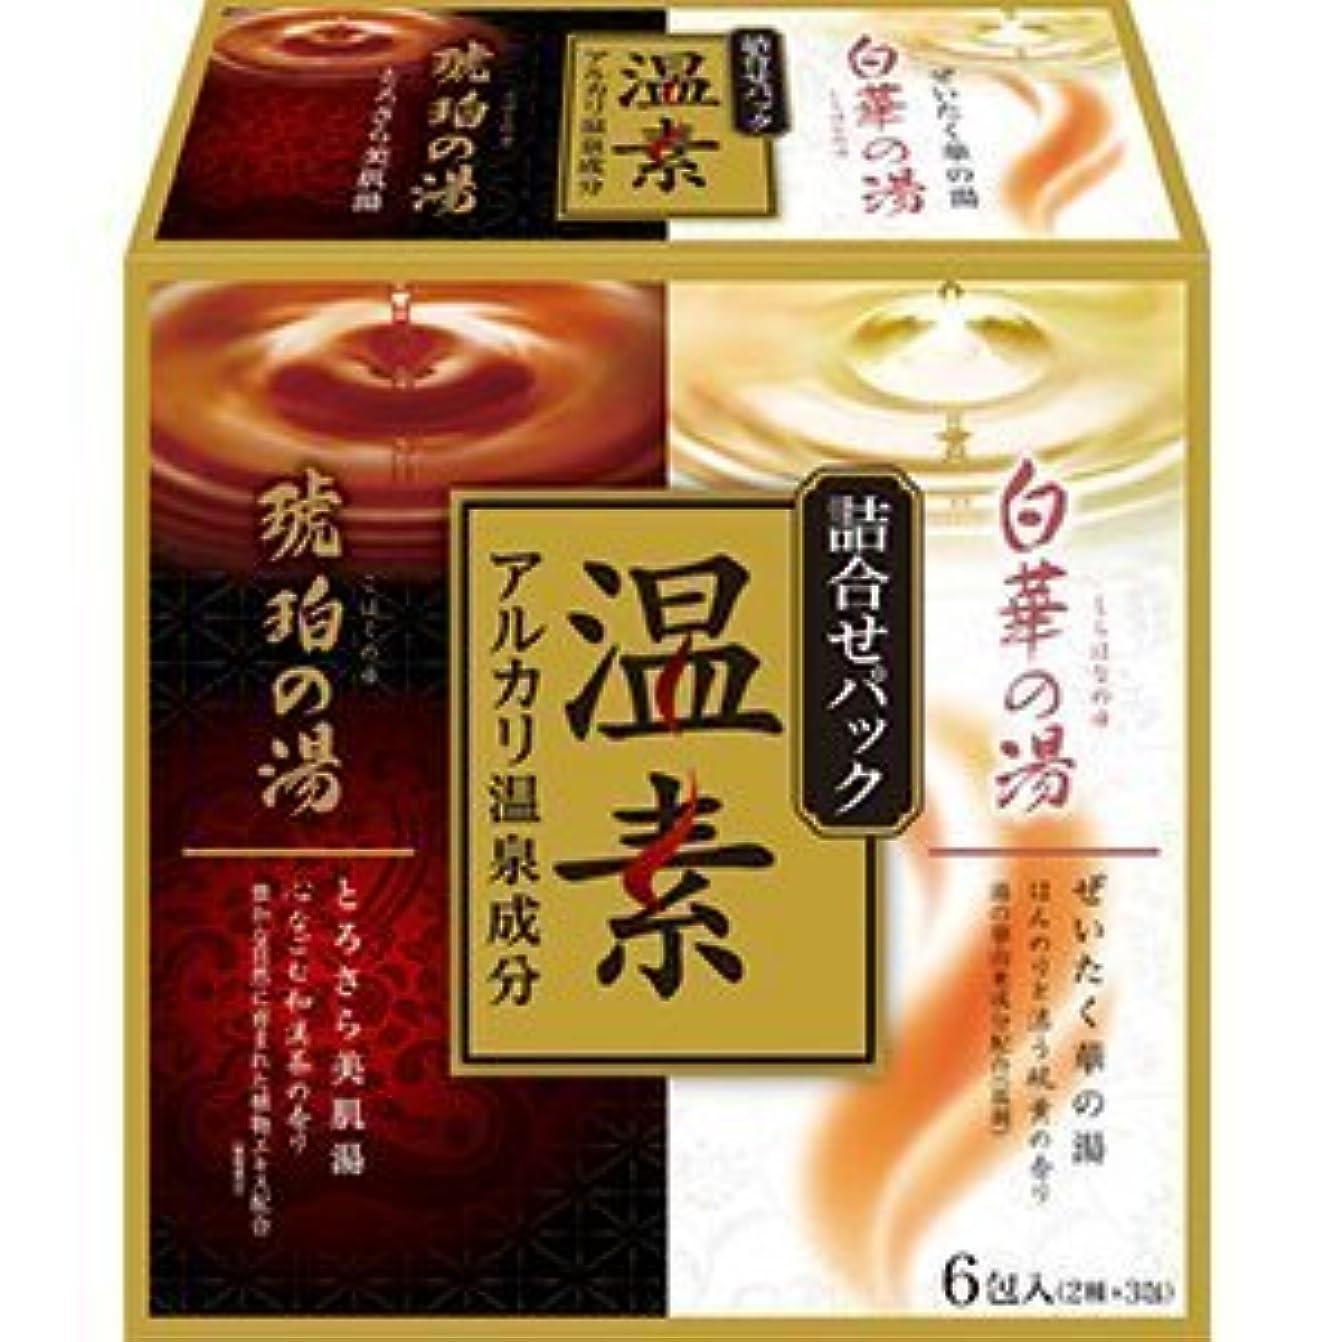 崇拝する家族論理温素 琥珀の湯&白華の湯 詰合せパック × 3個セット